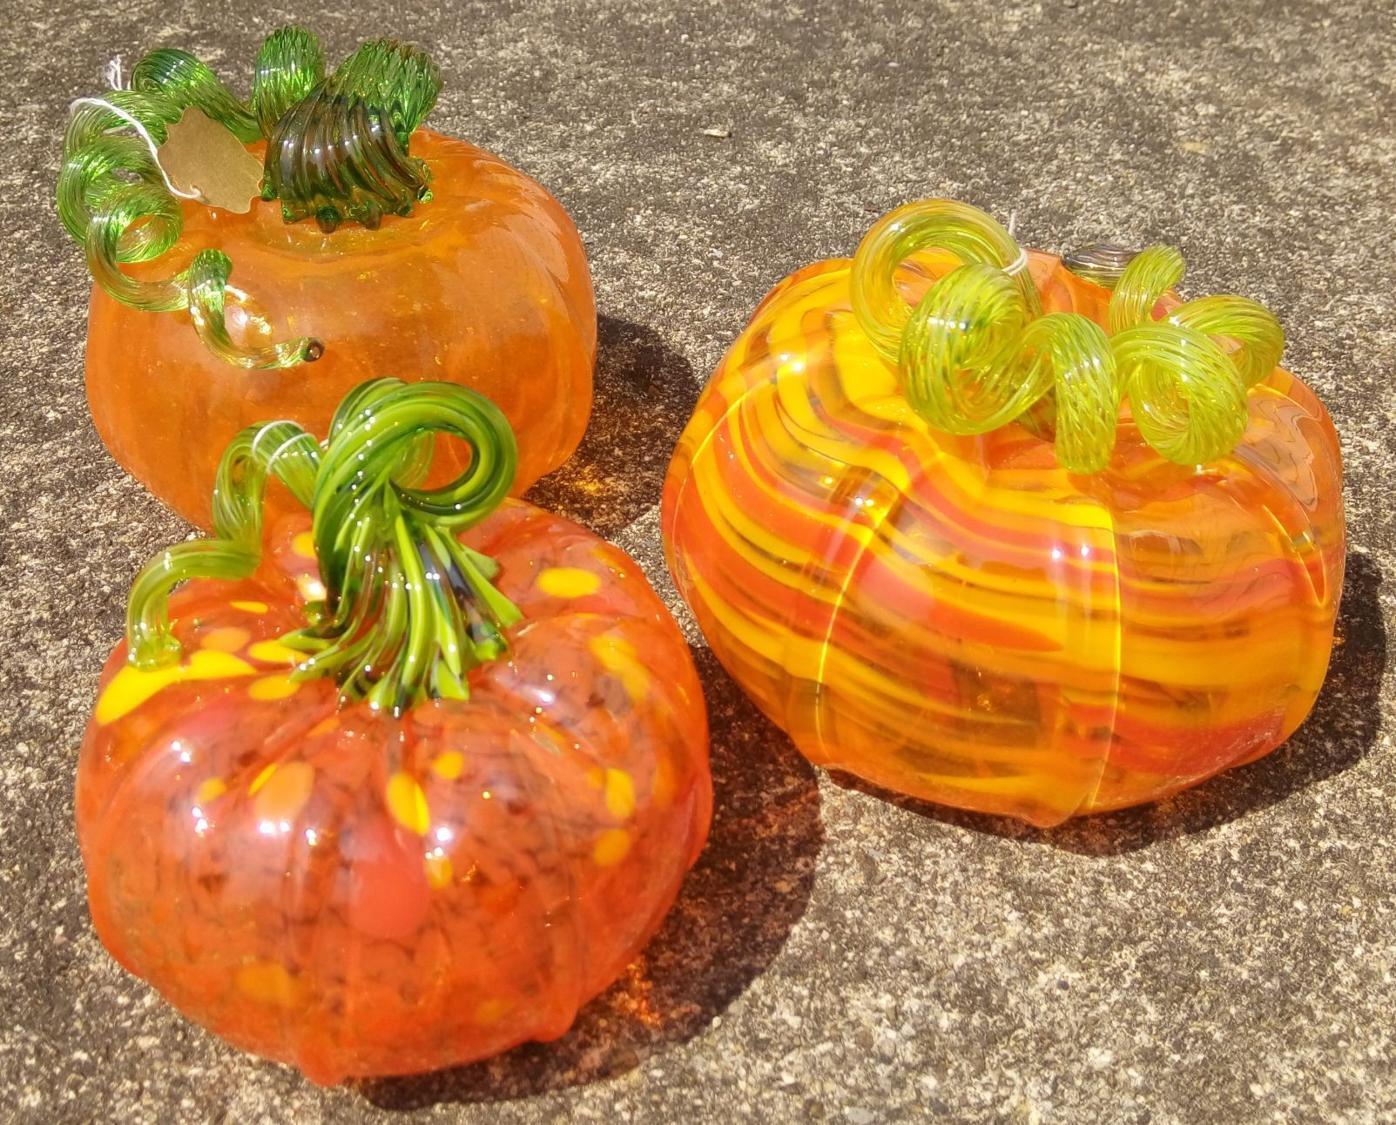 Glass pumpkin creations